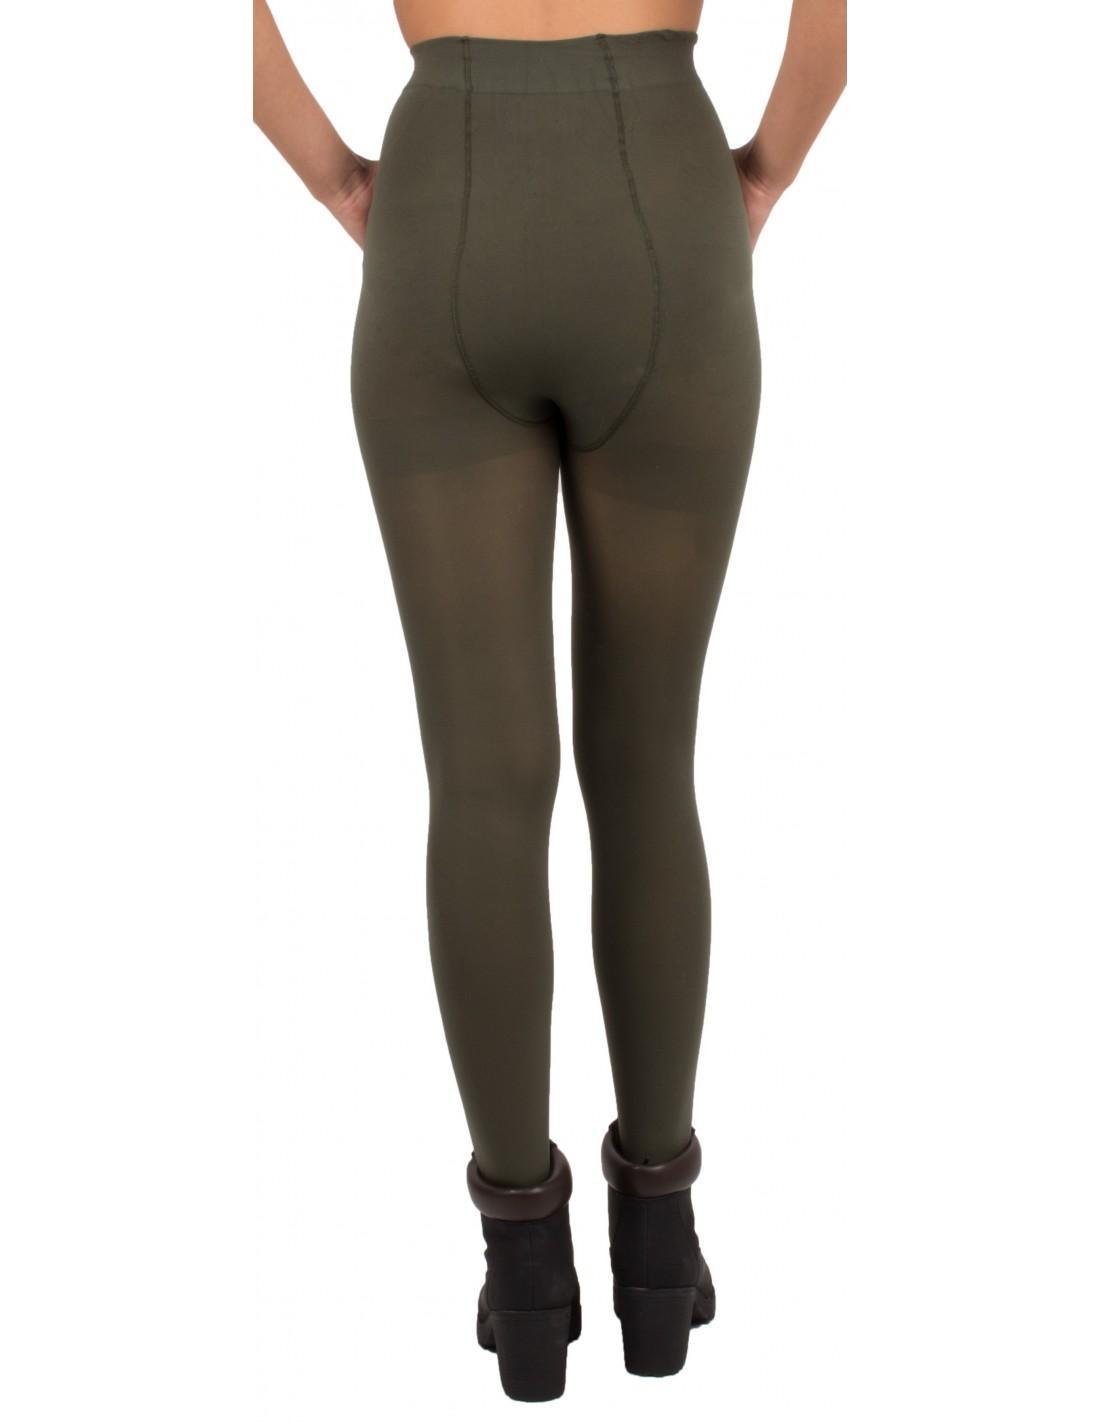 01852657632 Collant Opaque kaki femme 80 Deniers confortable avec culotte sans ...